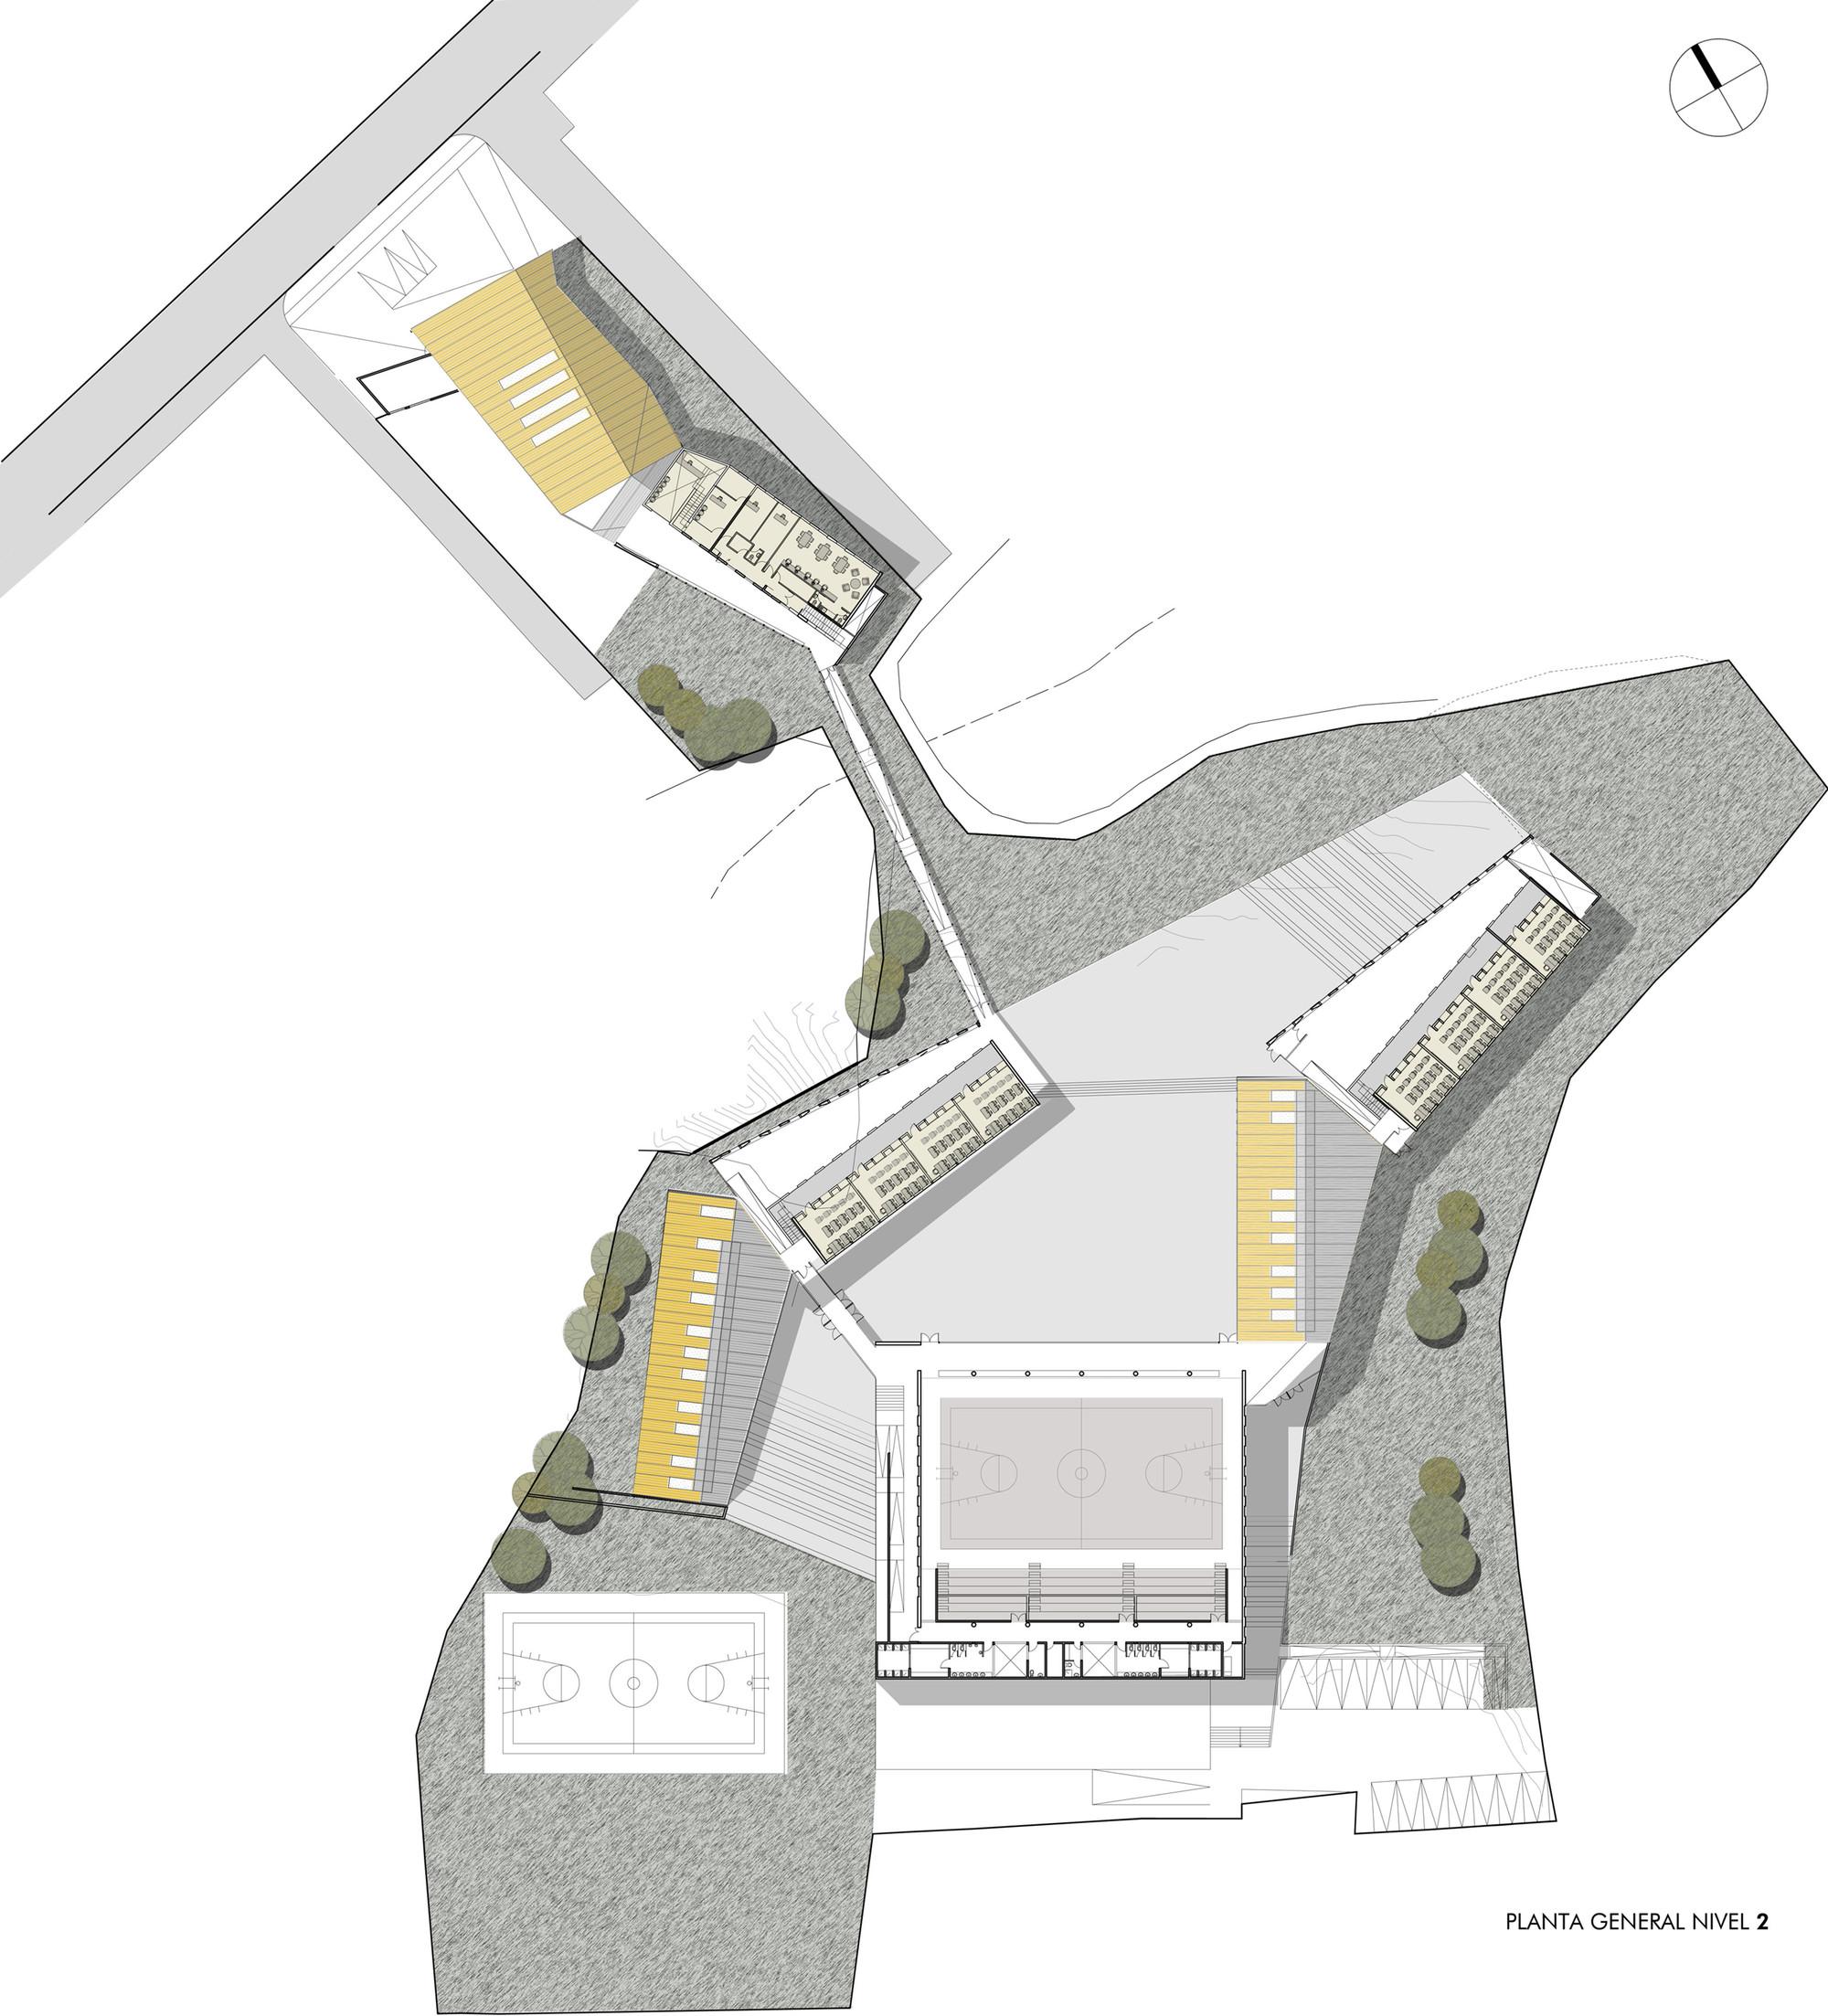 Galer a de edificio escuela manuel anabal n saez gubbins for Plantas de colegios arquitectura